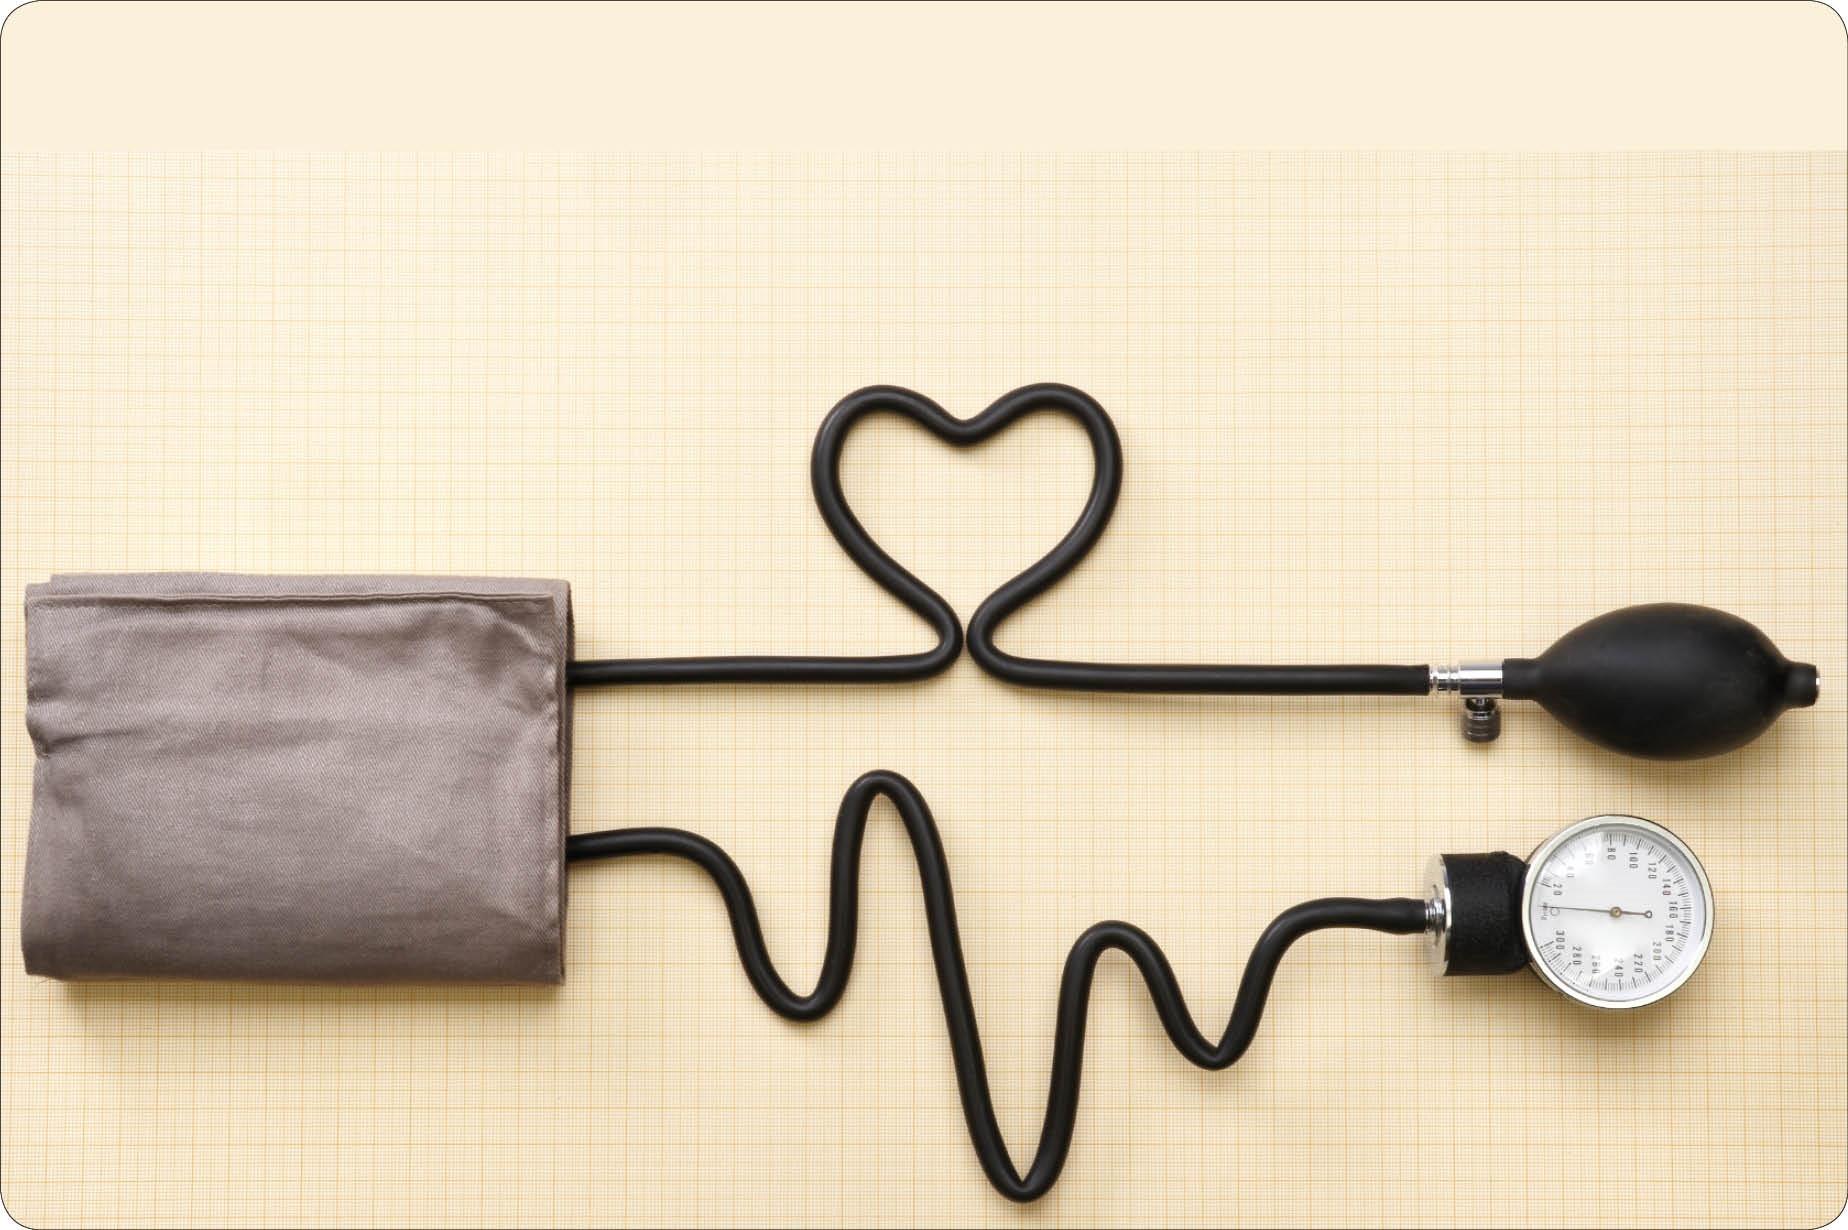 نباید فشار خون تان از مقدار 130 به روی 80 میلی متر جیوه بالاتر رود